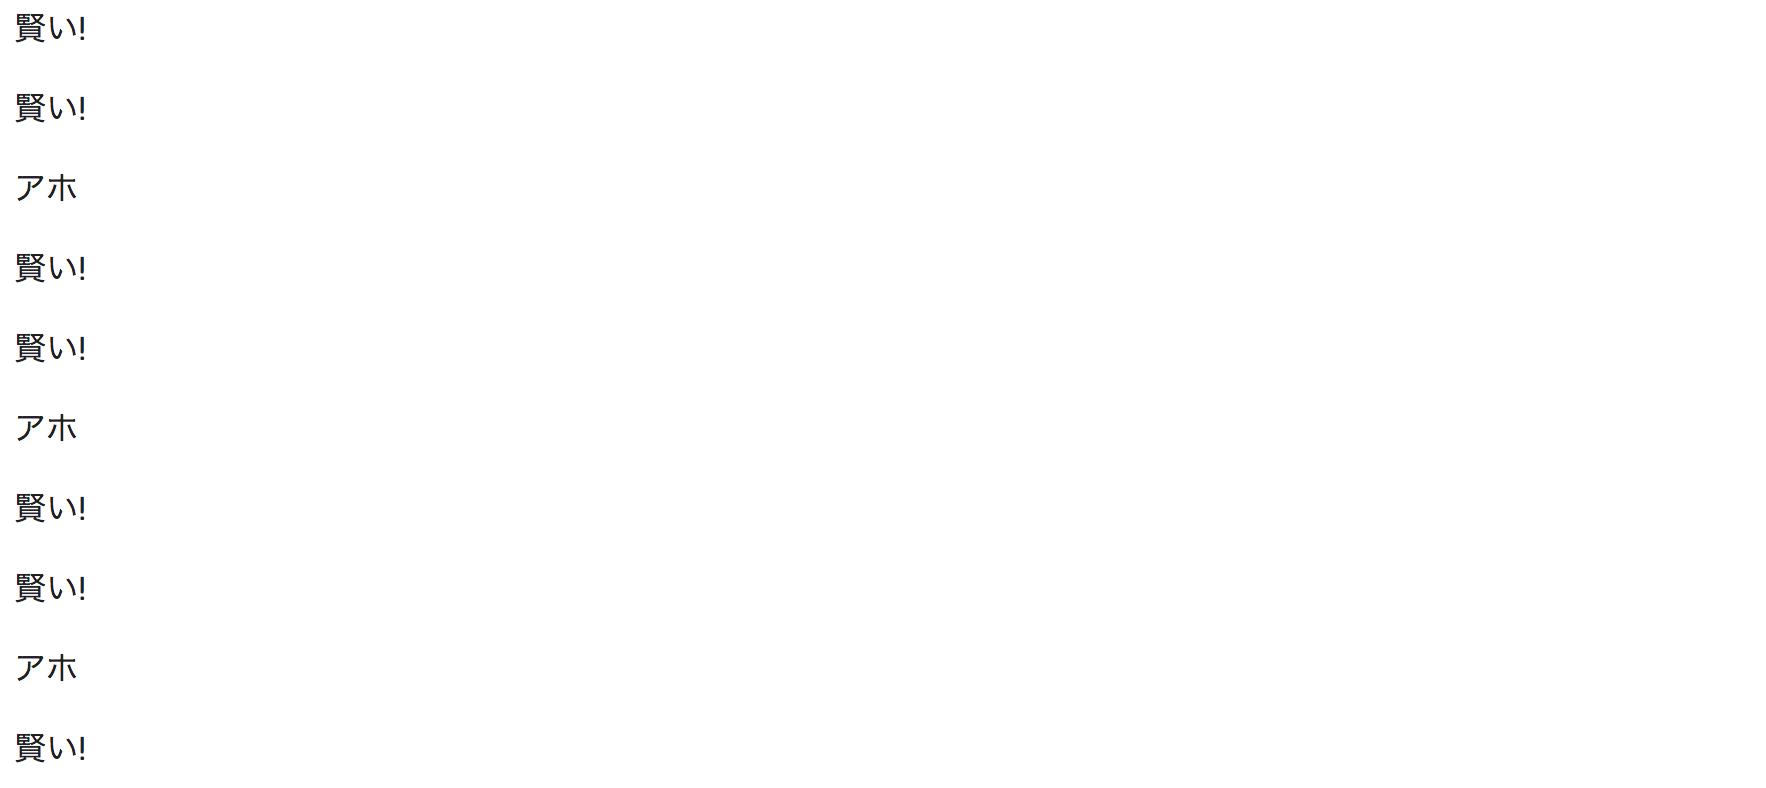 スクリーンショット 2018-08-06 1.41.34.png